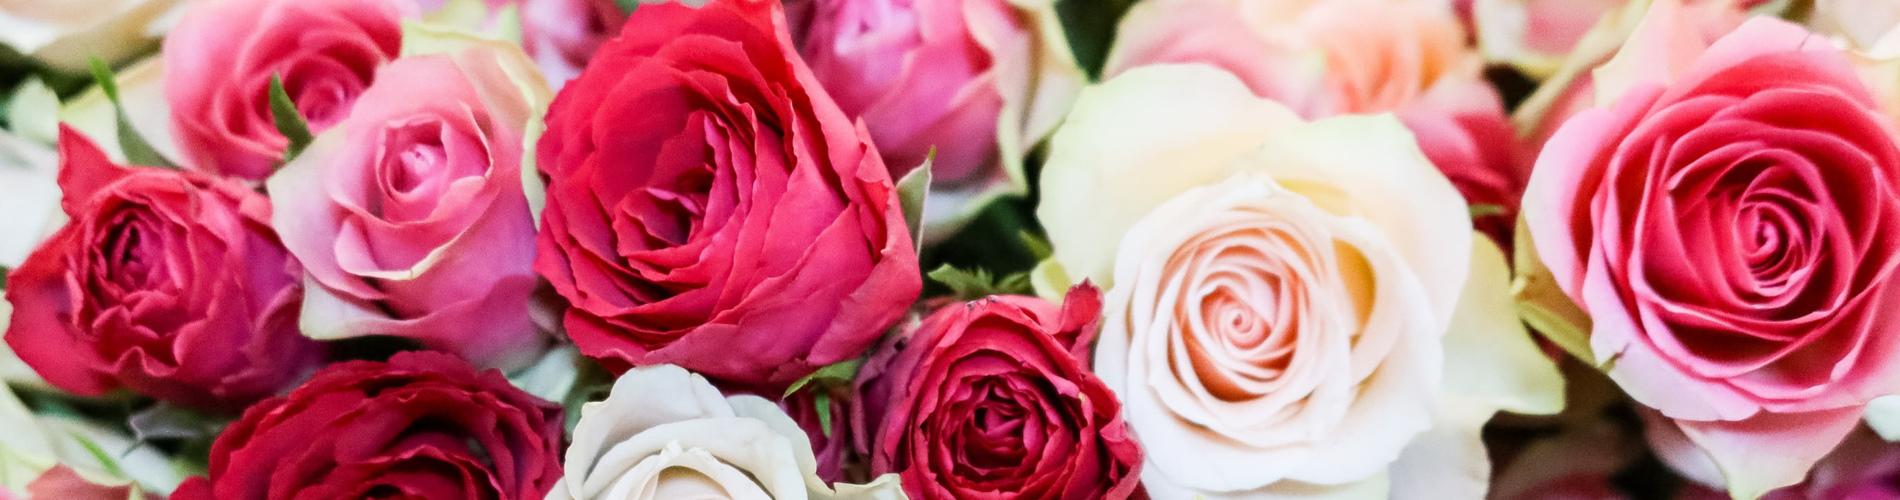 flores tamanho fino